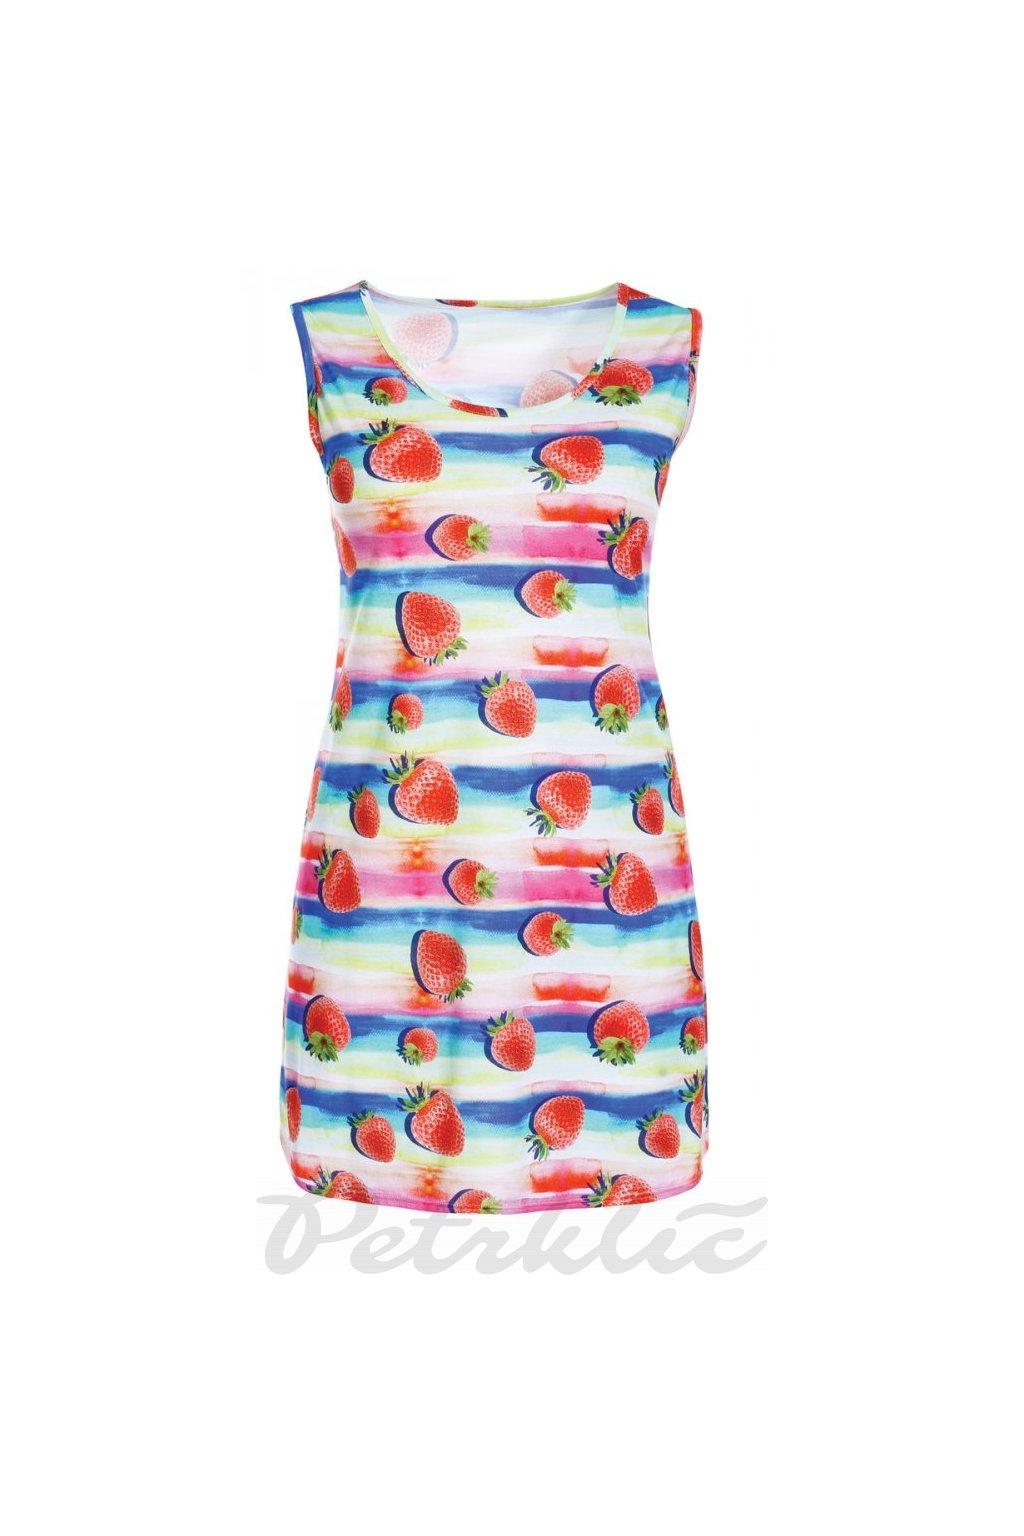 PETRA - letní šaty